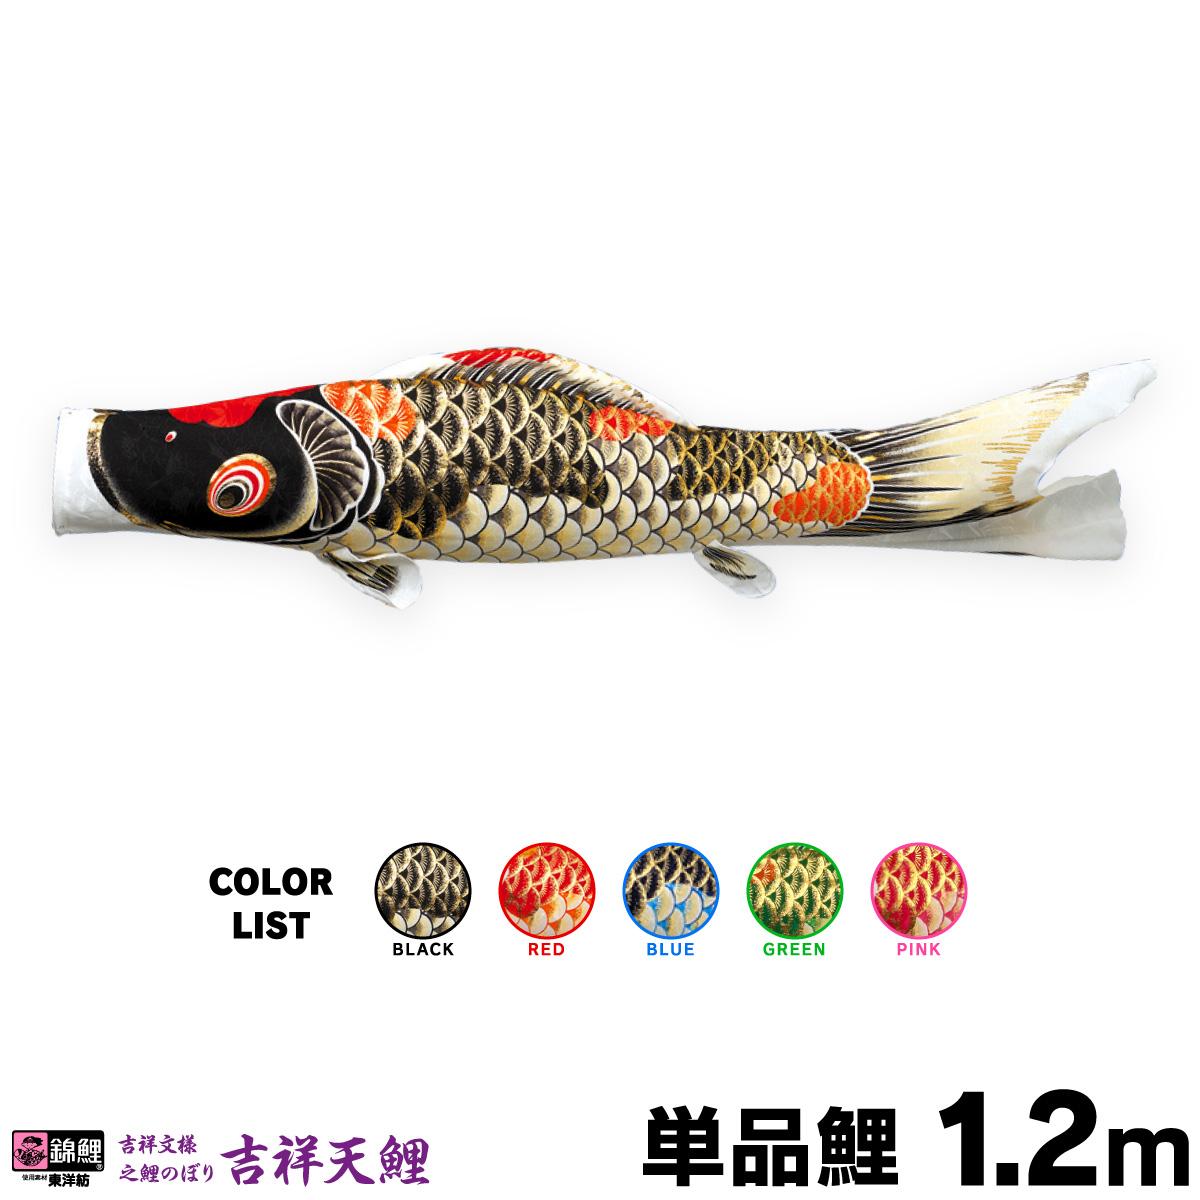 【こいのぼり 単品】 吉祥天 1.2m 単品鯉